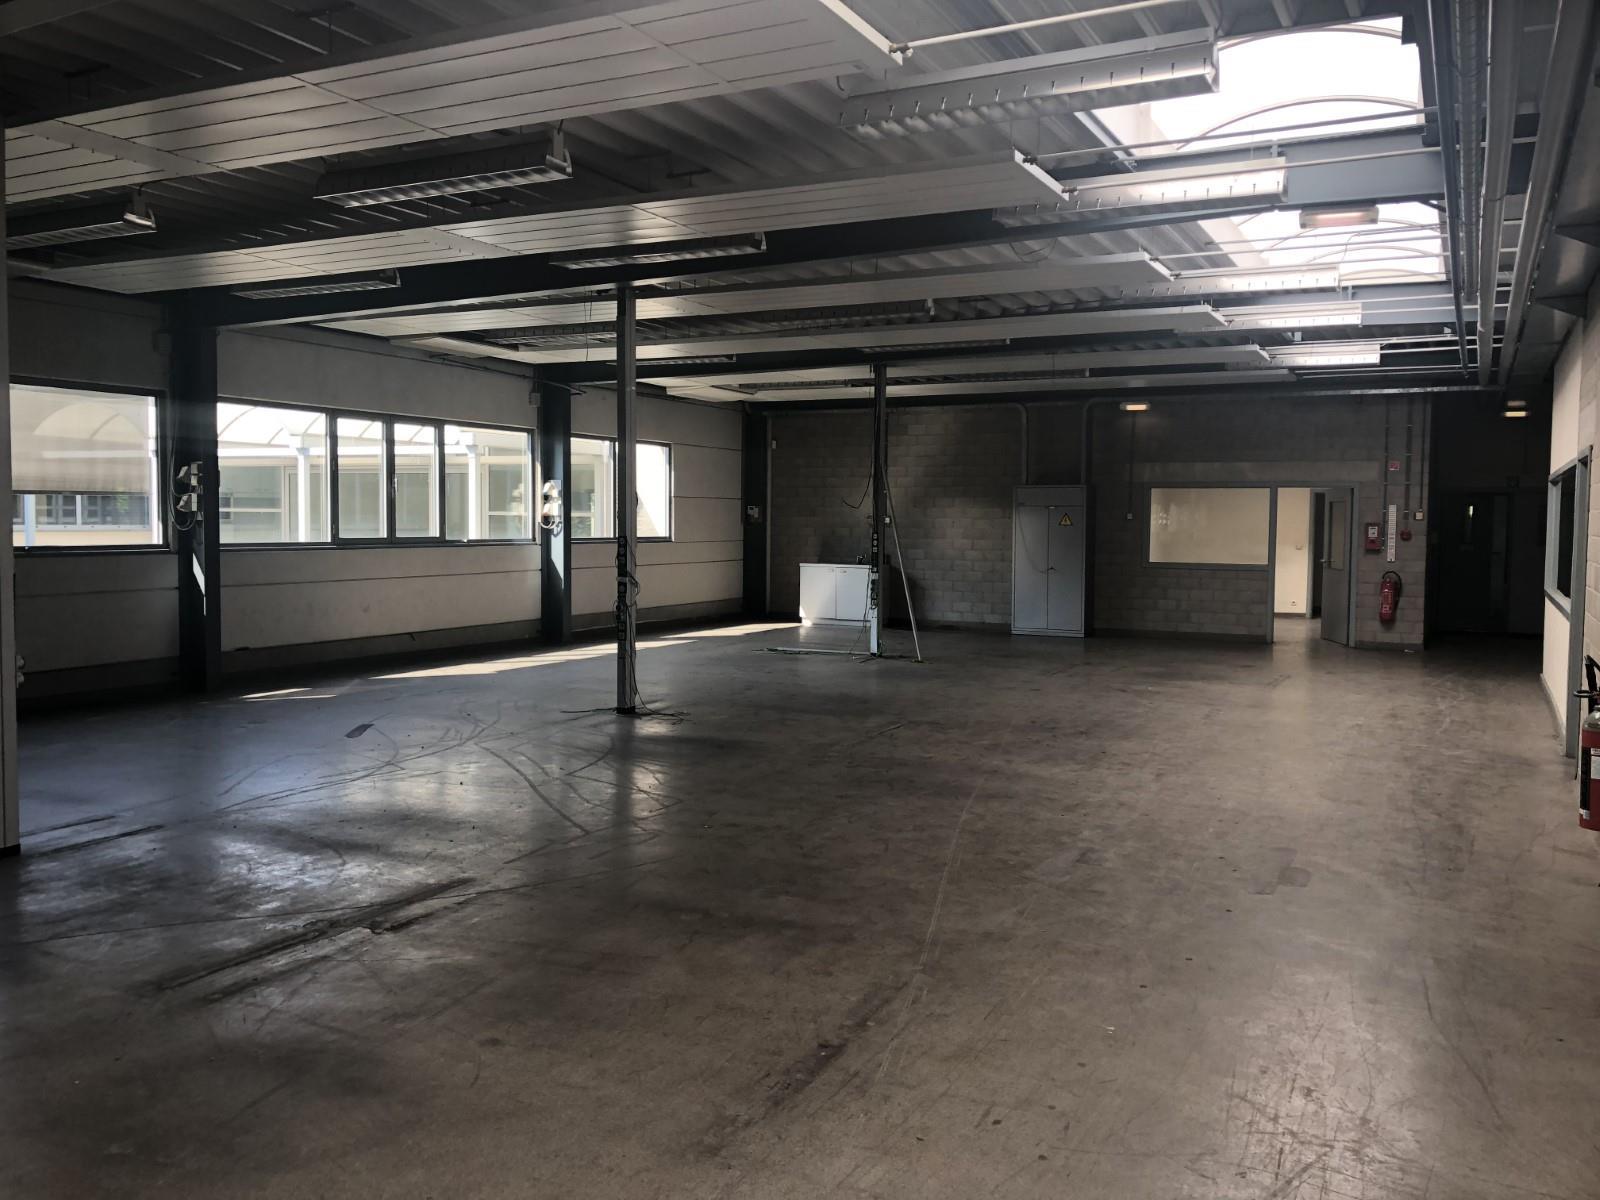 bedrijfsgebouw te koop I067TK - Zandvoortstraat 1, 2800 Mechelen, België 4